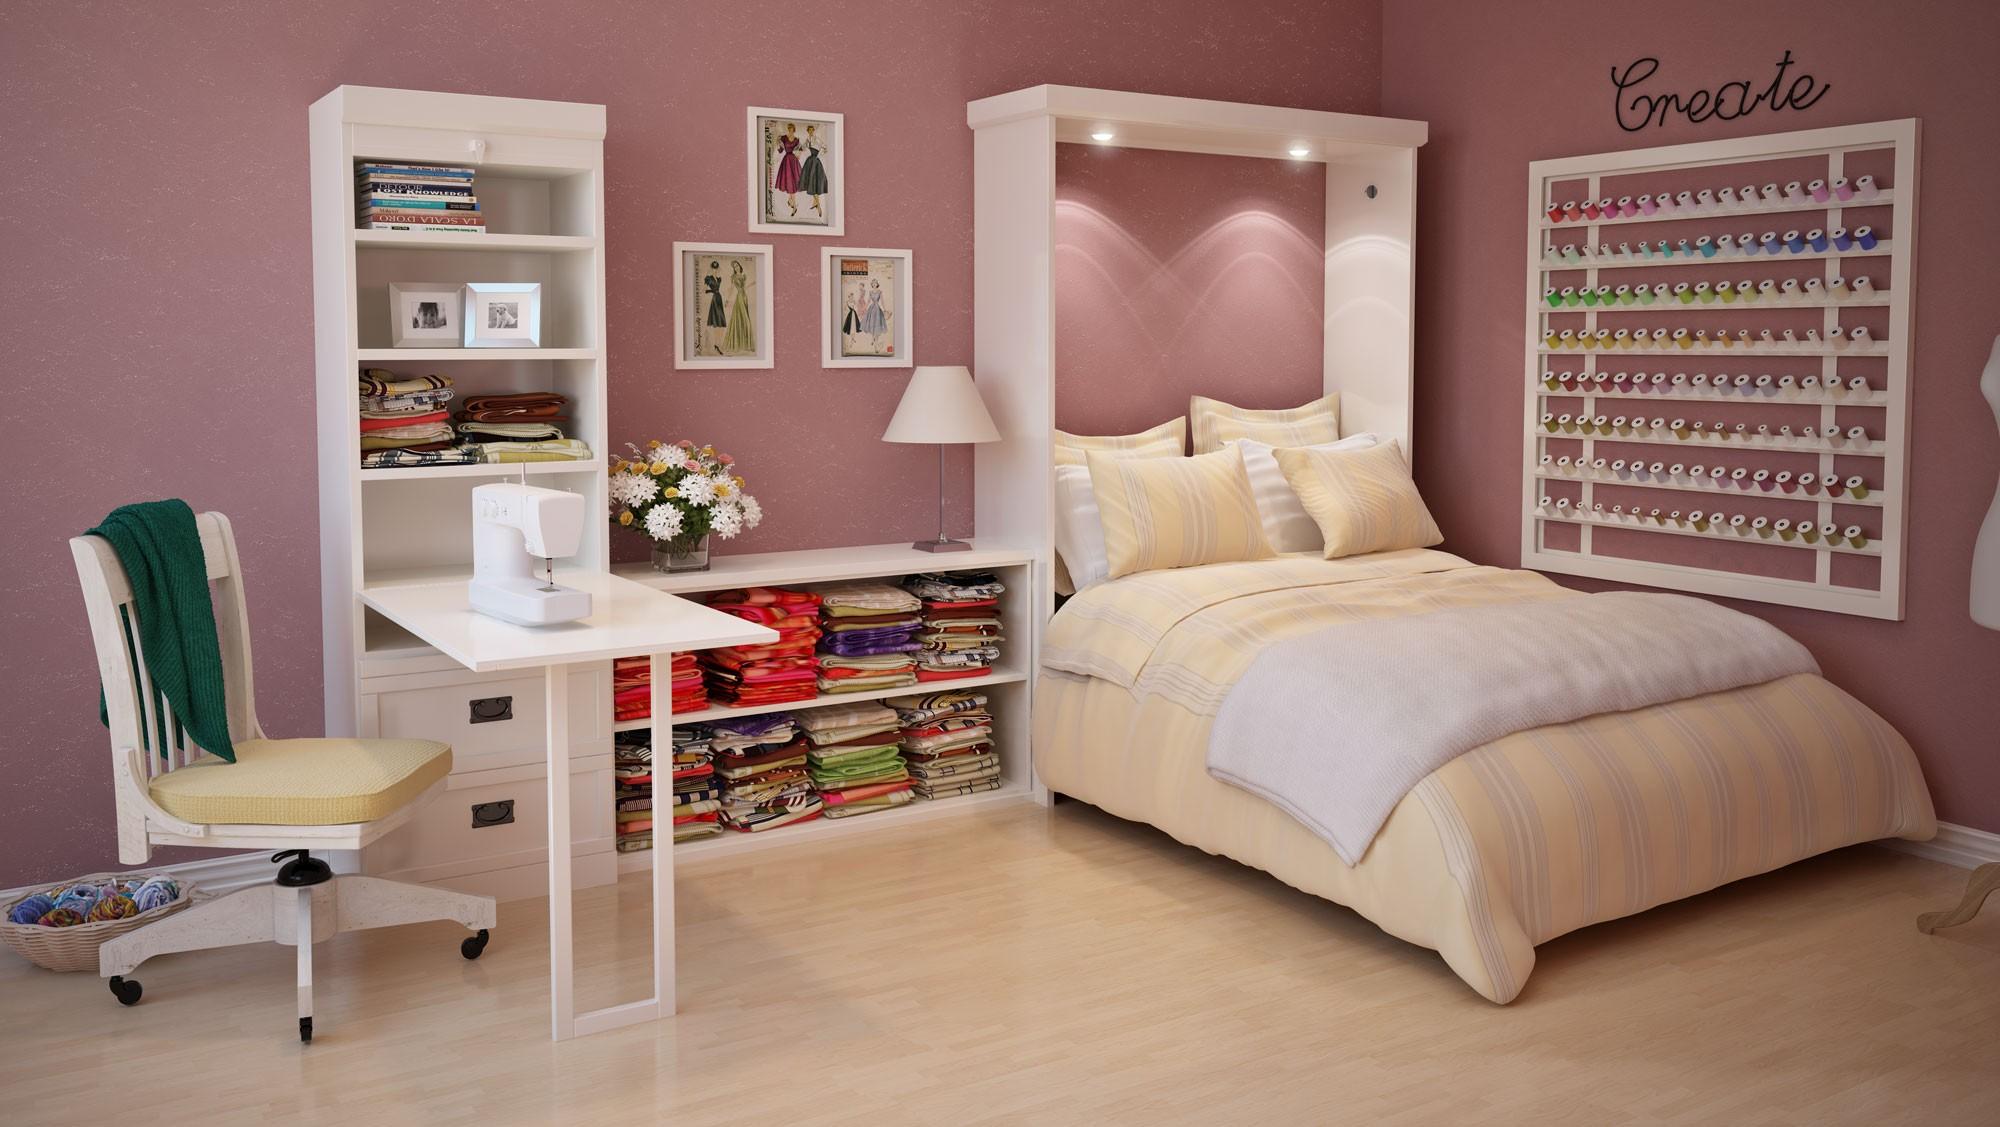 Трансформируемая мебель - находка для комнаты-студии в стиле модерн